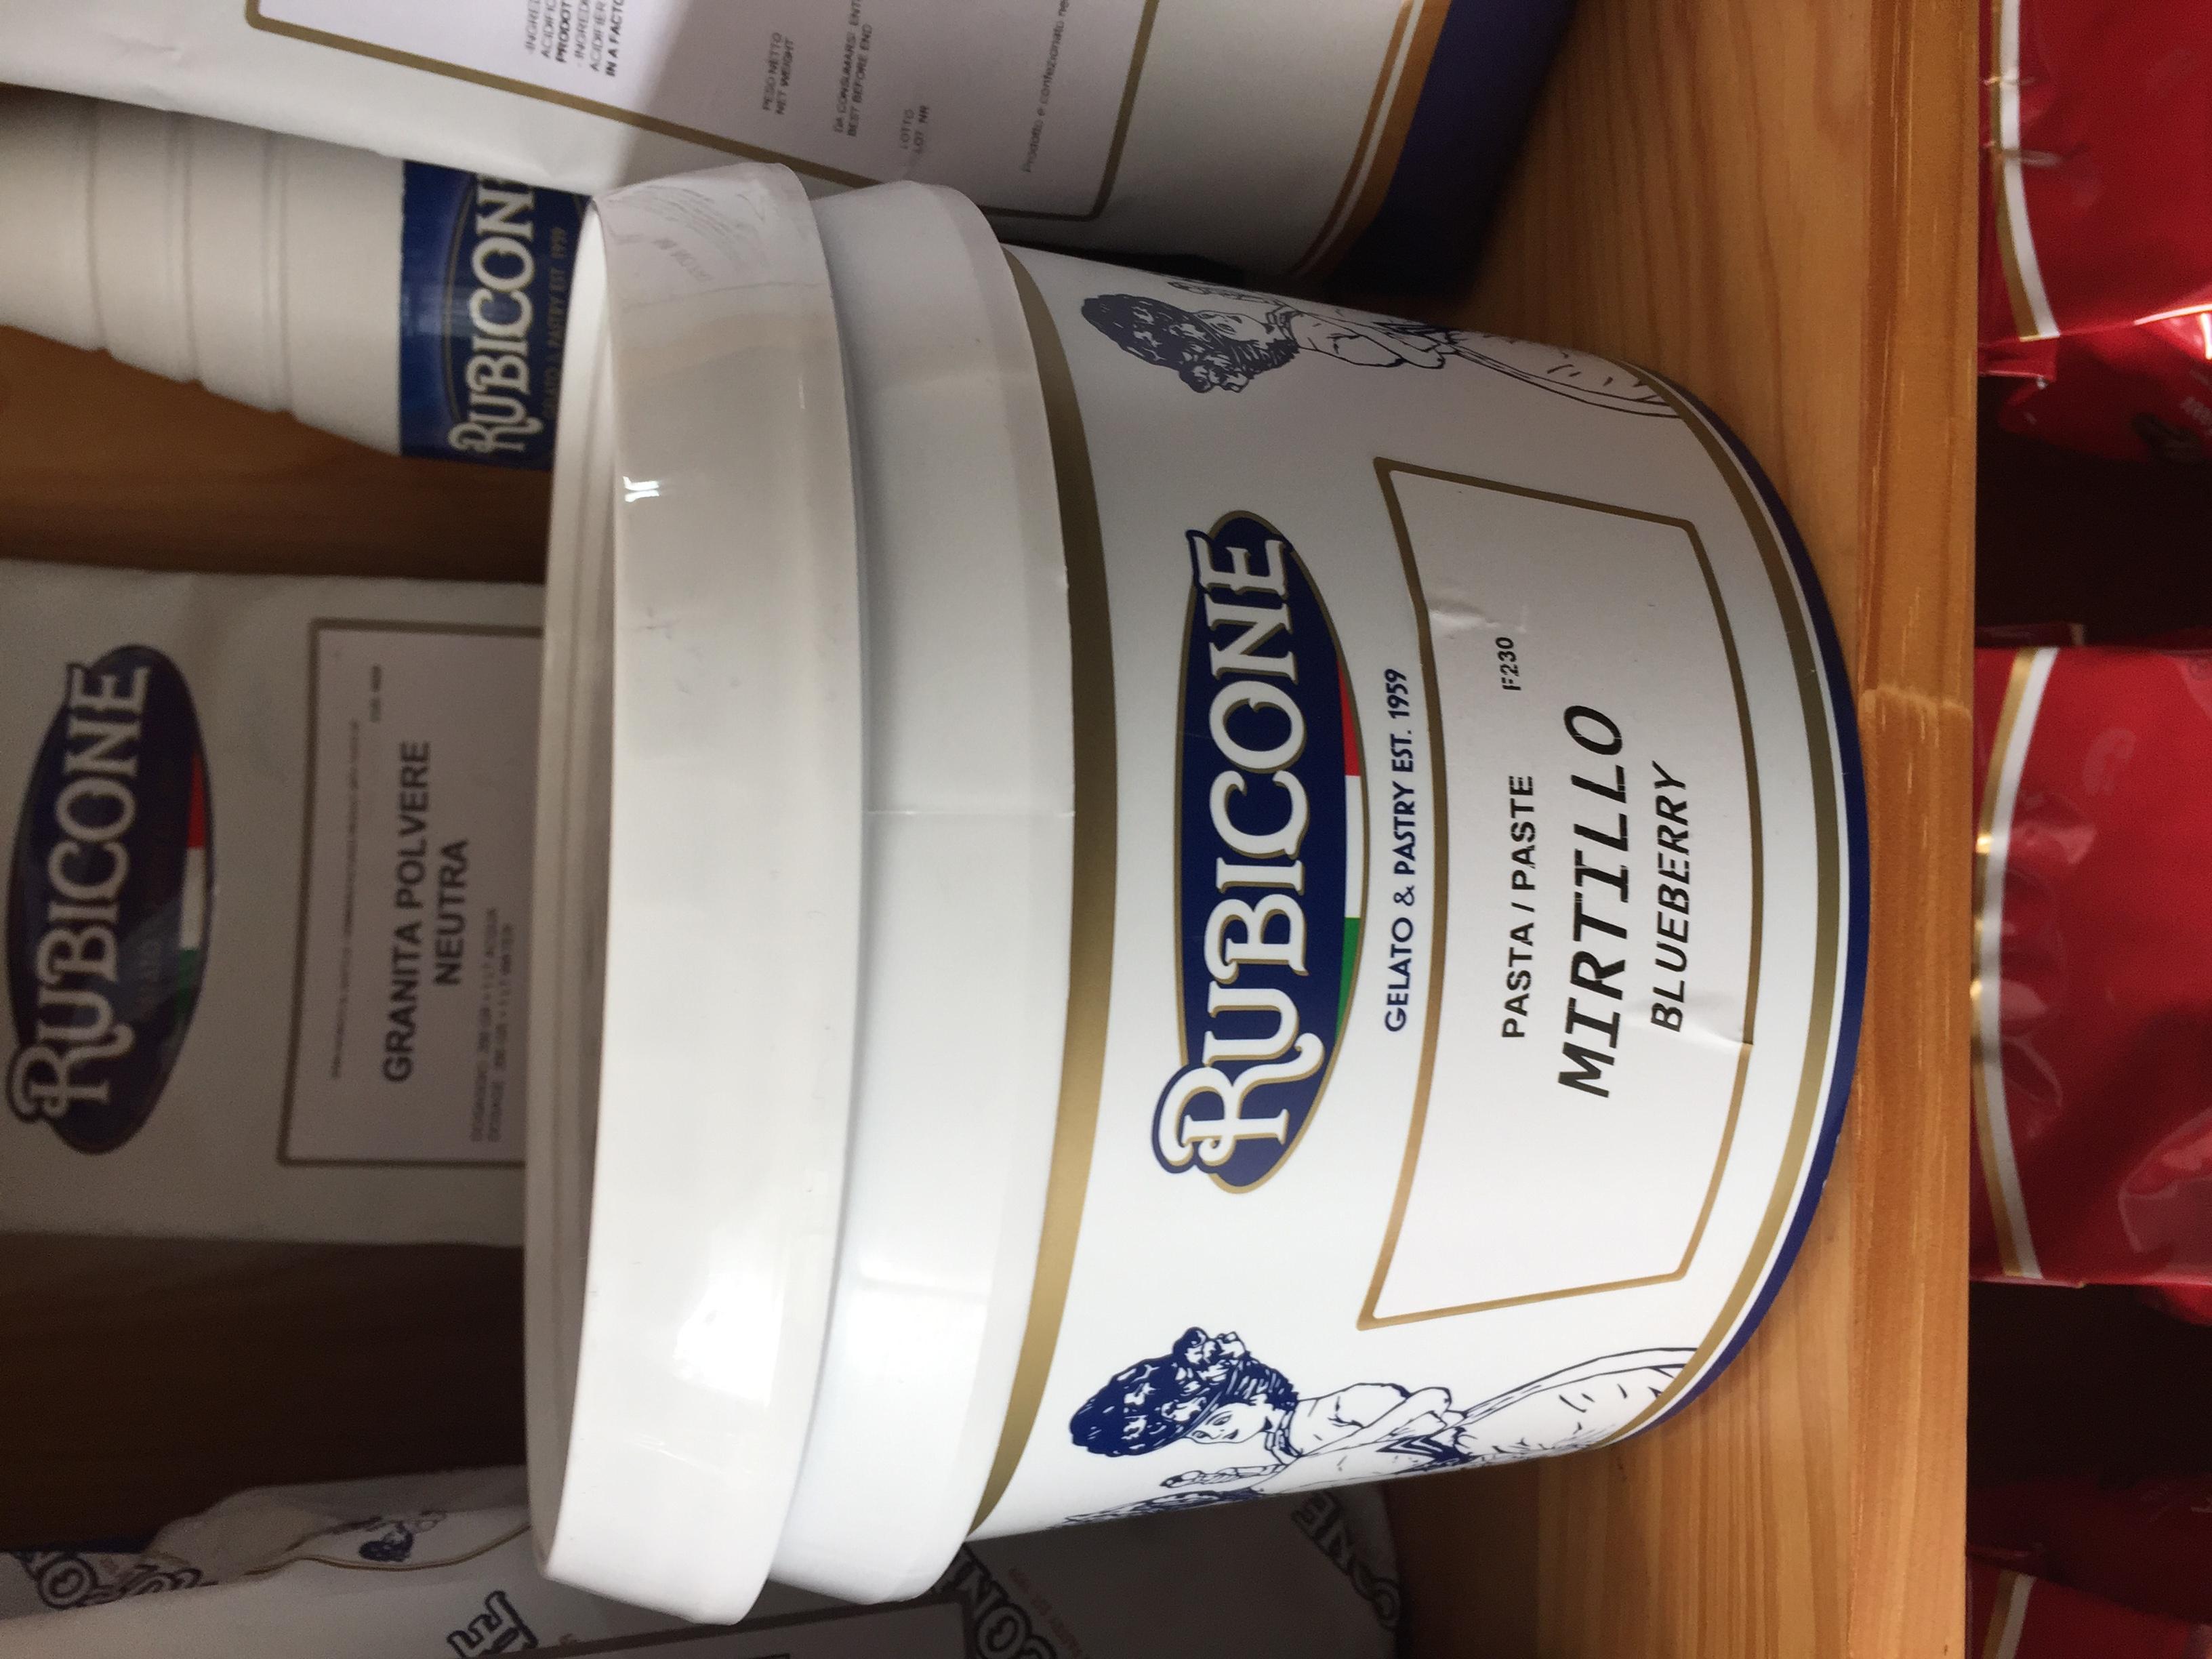 Mứt việt quất - Rubicone Blueberry 3KG - Nguyên liệu làm kem, bánh ngọt hương vị Việt quất